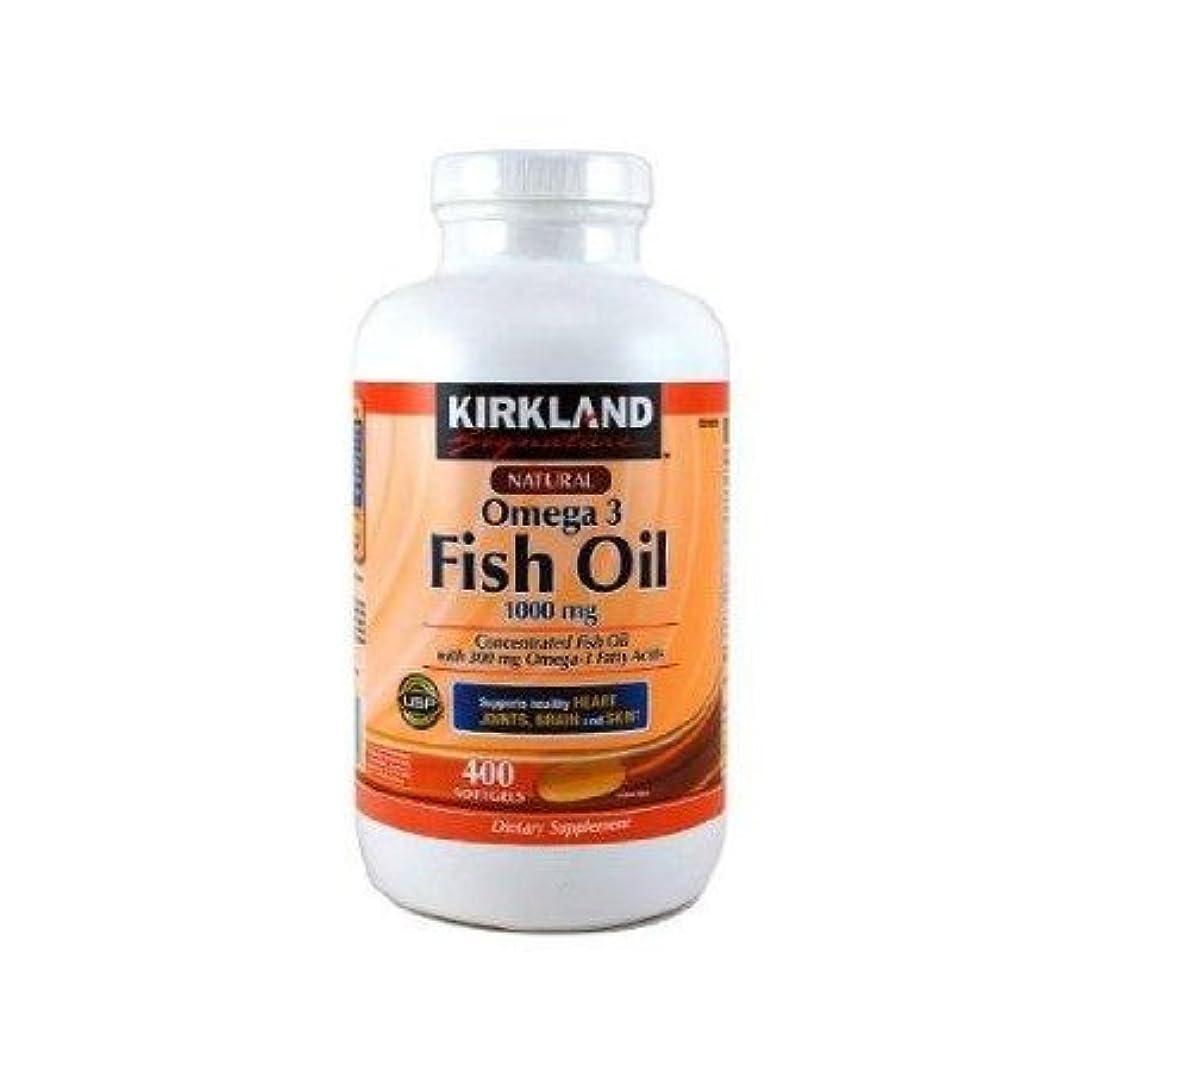 コスト単調な高原KIRKLAND社 フィッシュオイル (DHA+EPA) オメガ3 1000mg 400ソフトカプセル 2本 [並行輸入品] [海外直送品] Two KIRKLAND's Fish oil (DHA + EPA) omega...